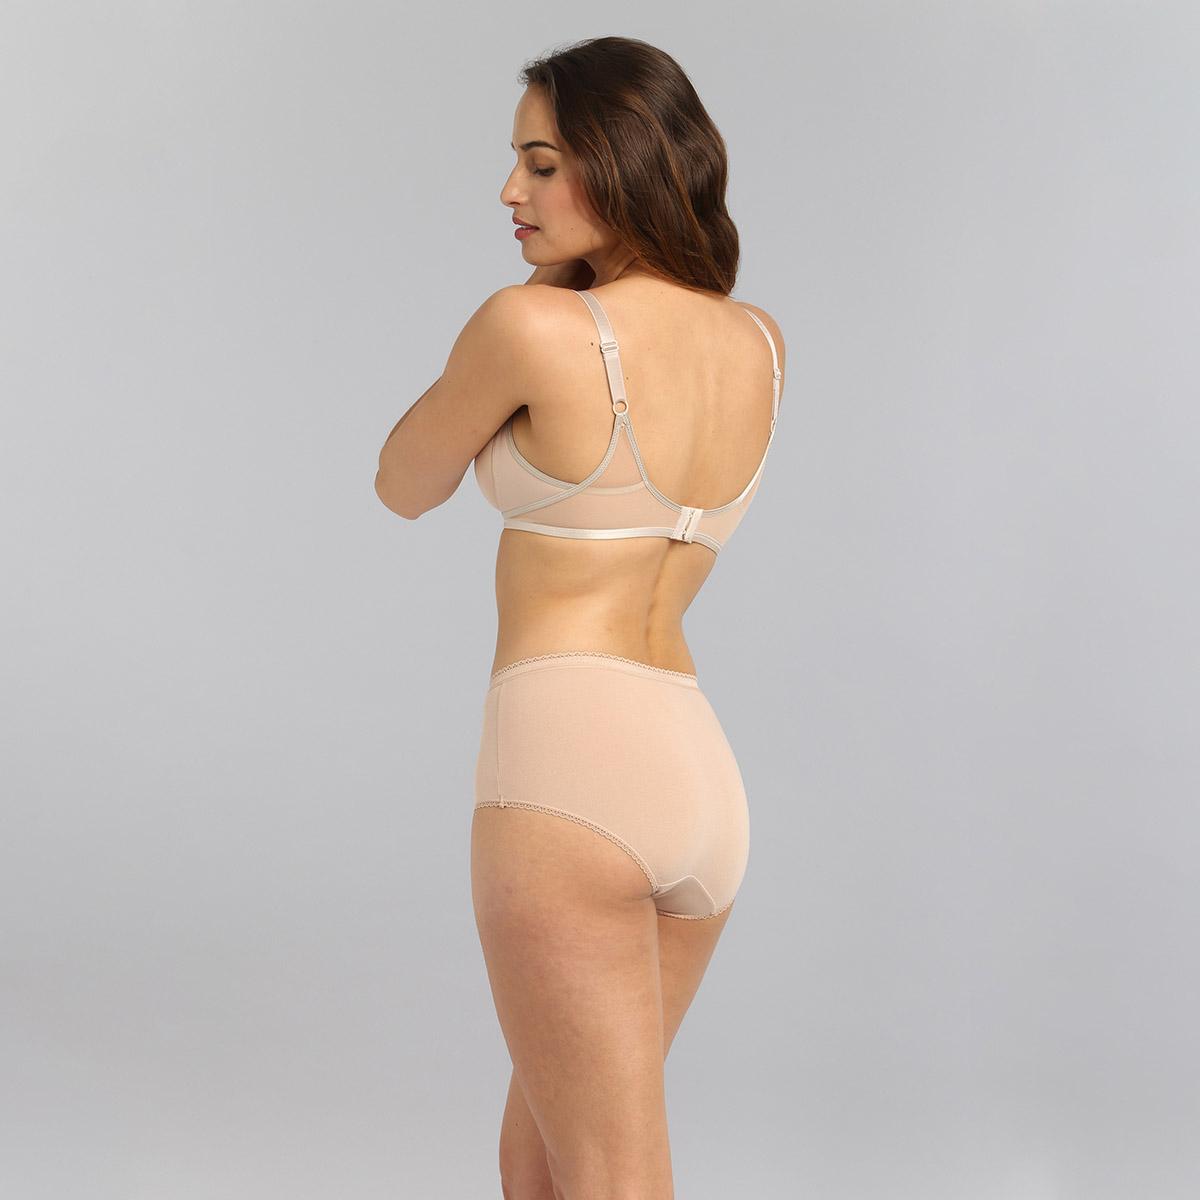 Soutien-gorge emboîtant sans armatures beige Ideal Beauty, , PLAYTEX